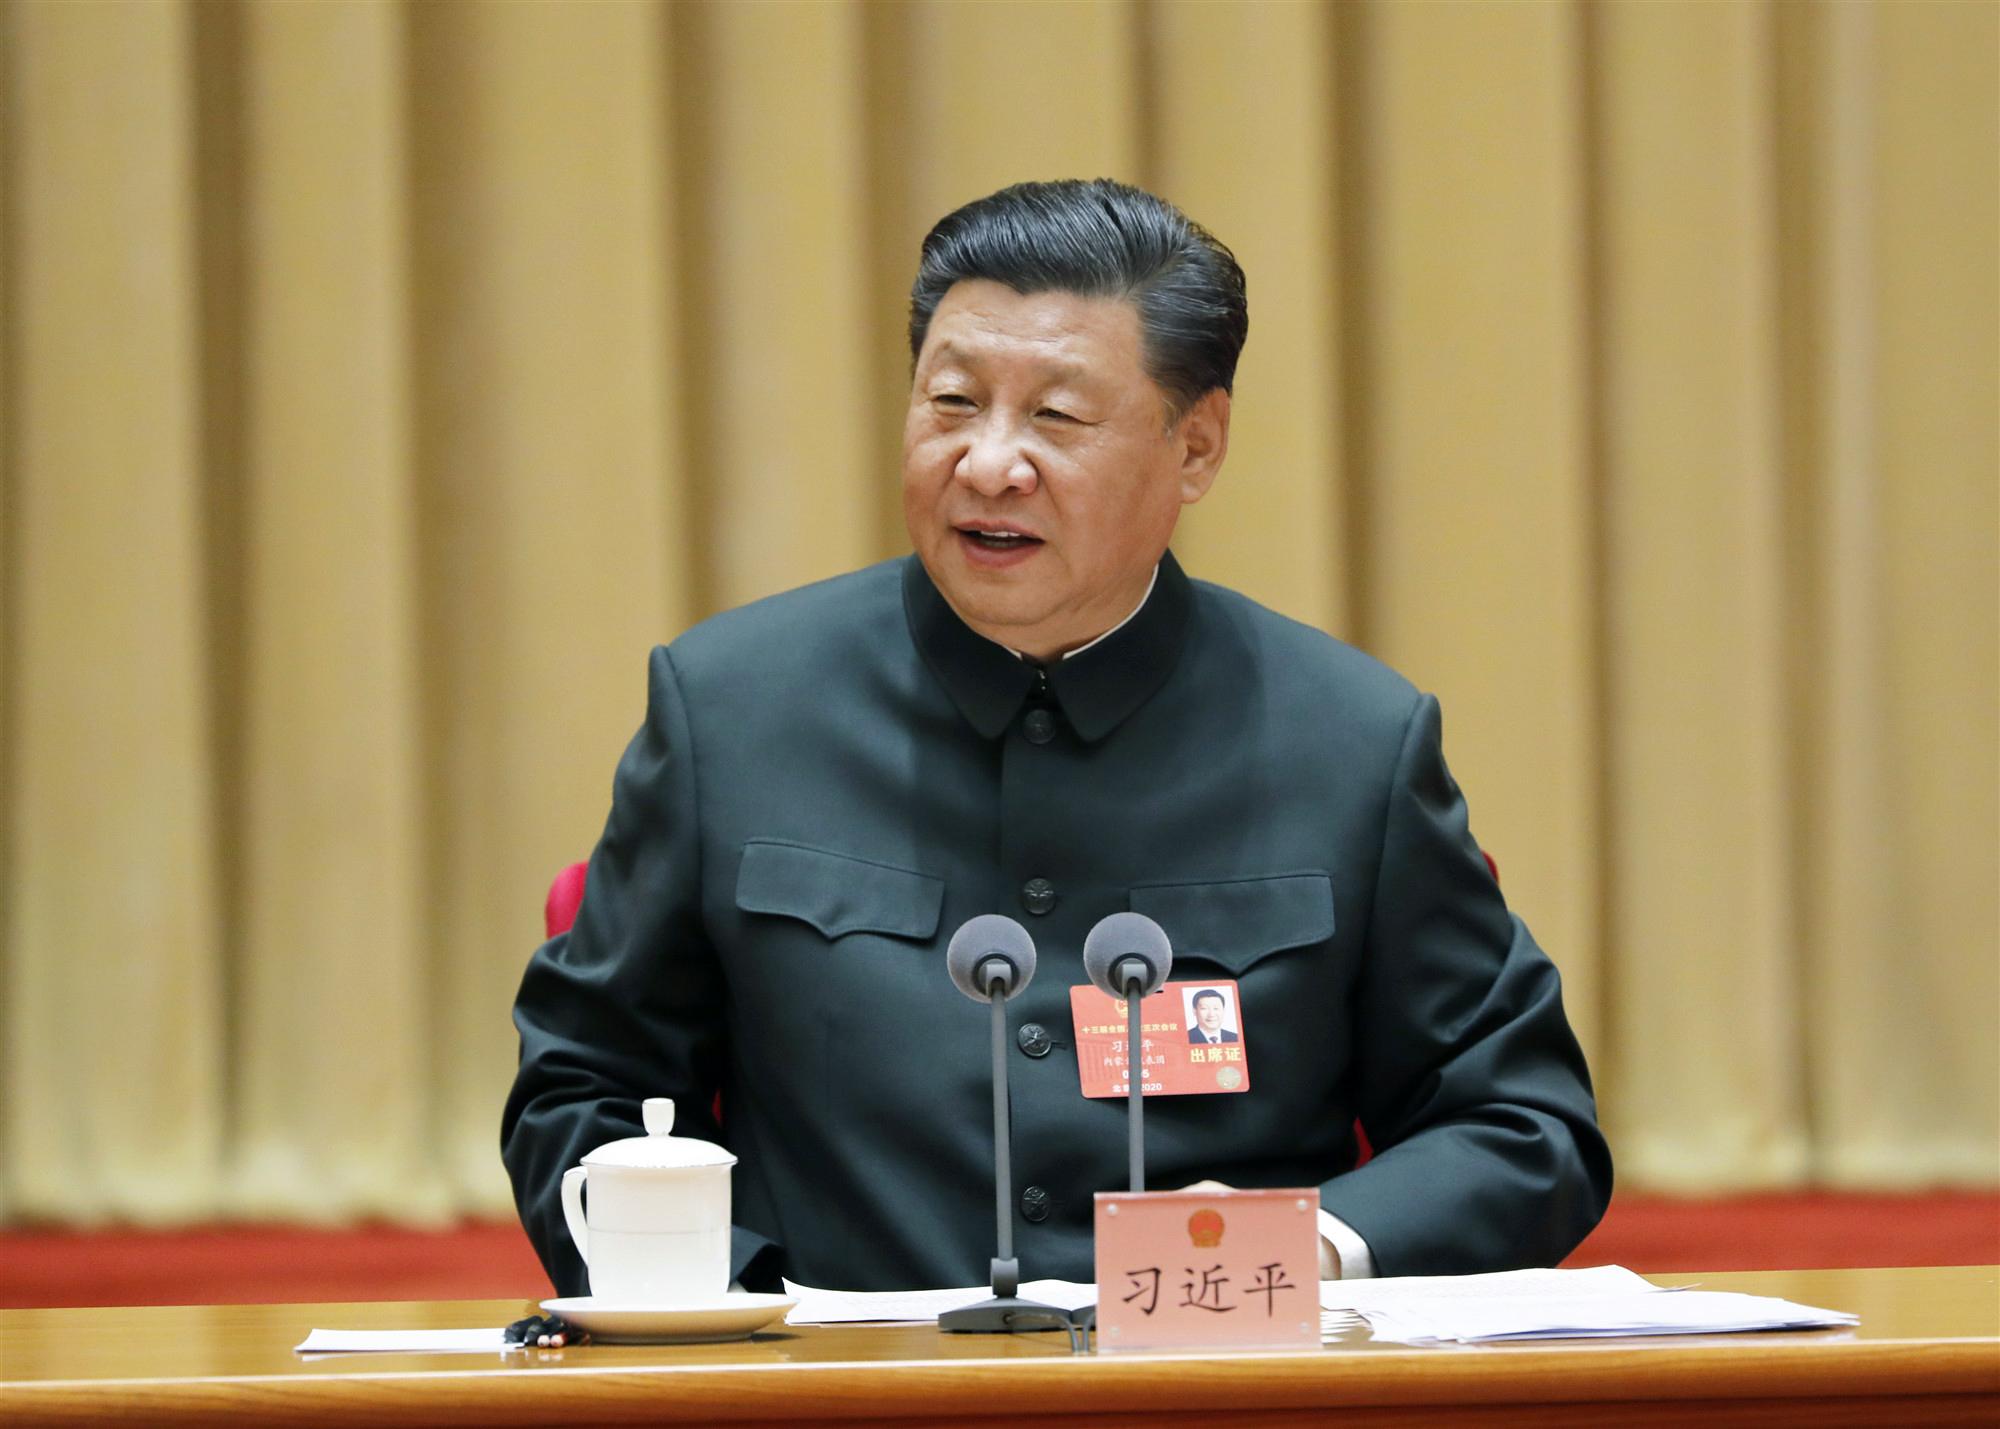 习近平在出席解放军和武警部队代表团全体会议时强调